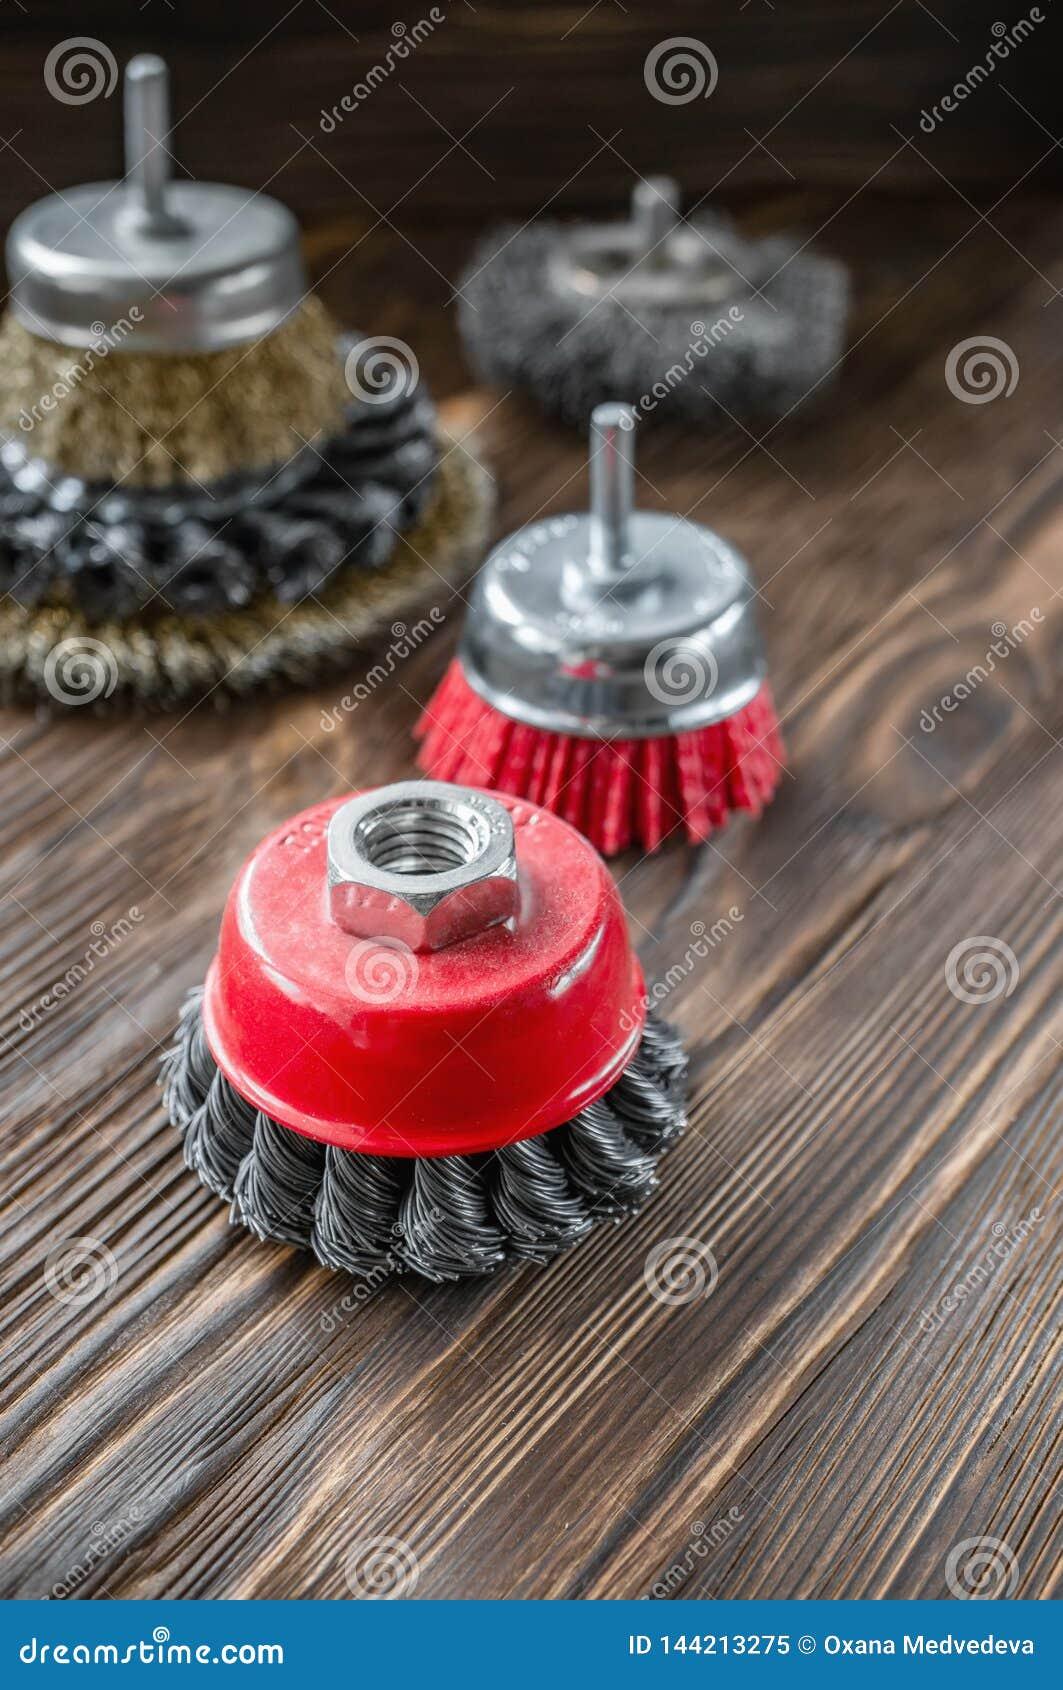 Λειαντικά εργαλεία για το βούρτσισμα ξύλινο και το δόσιμο του της σύστασης Βούρτσες καλωδίων στο αντιμετωπισμένο ξύλο διάστημα αν